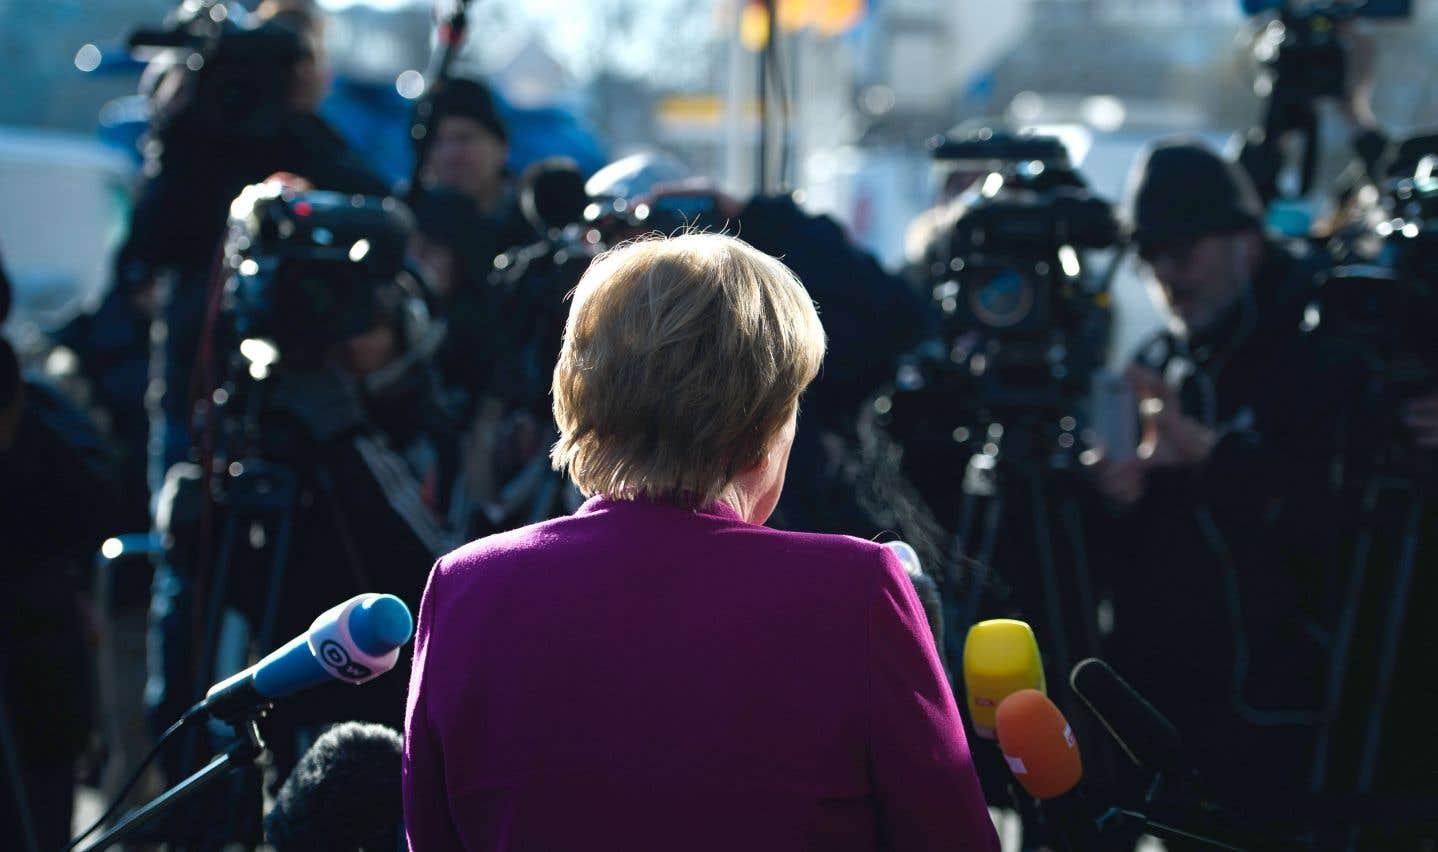 Un proche d'Angela Merkel n'a pas exclu un échec, qui plongerait le pays dans une crise politique aussi grave qu'inédite dans l'histoire d'après-guerre.